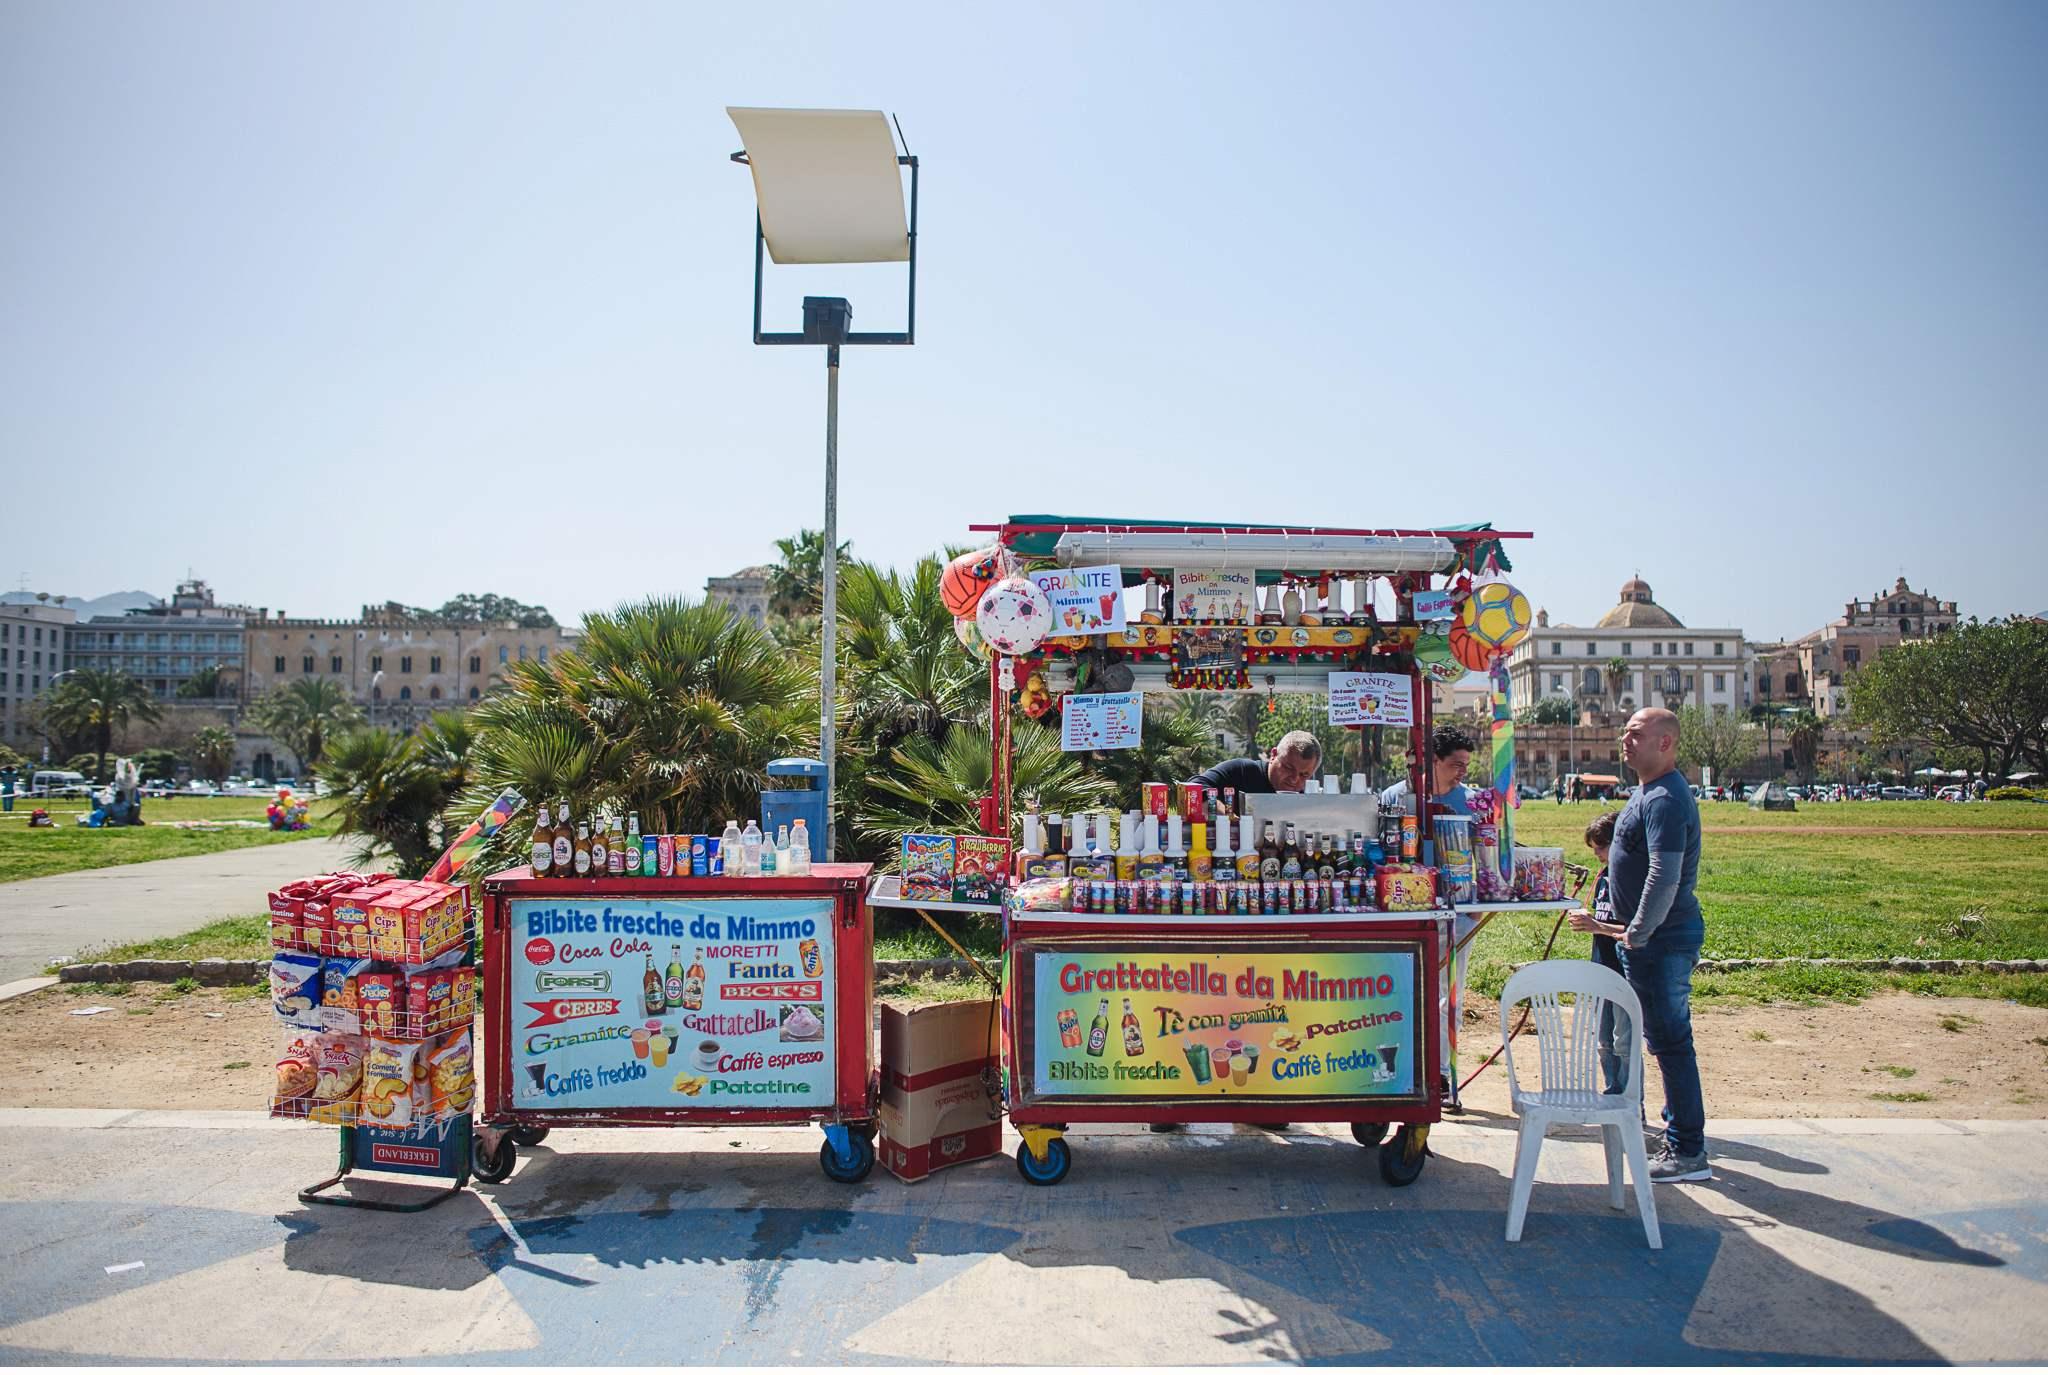 Palermo - visit Palermo - Italien - By Daniel Kempf-Seifried - Geschichten von unterwegs-48